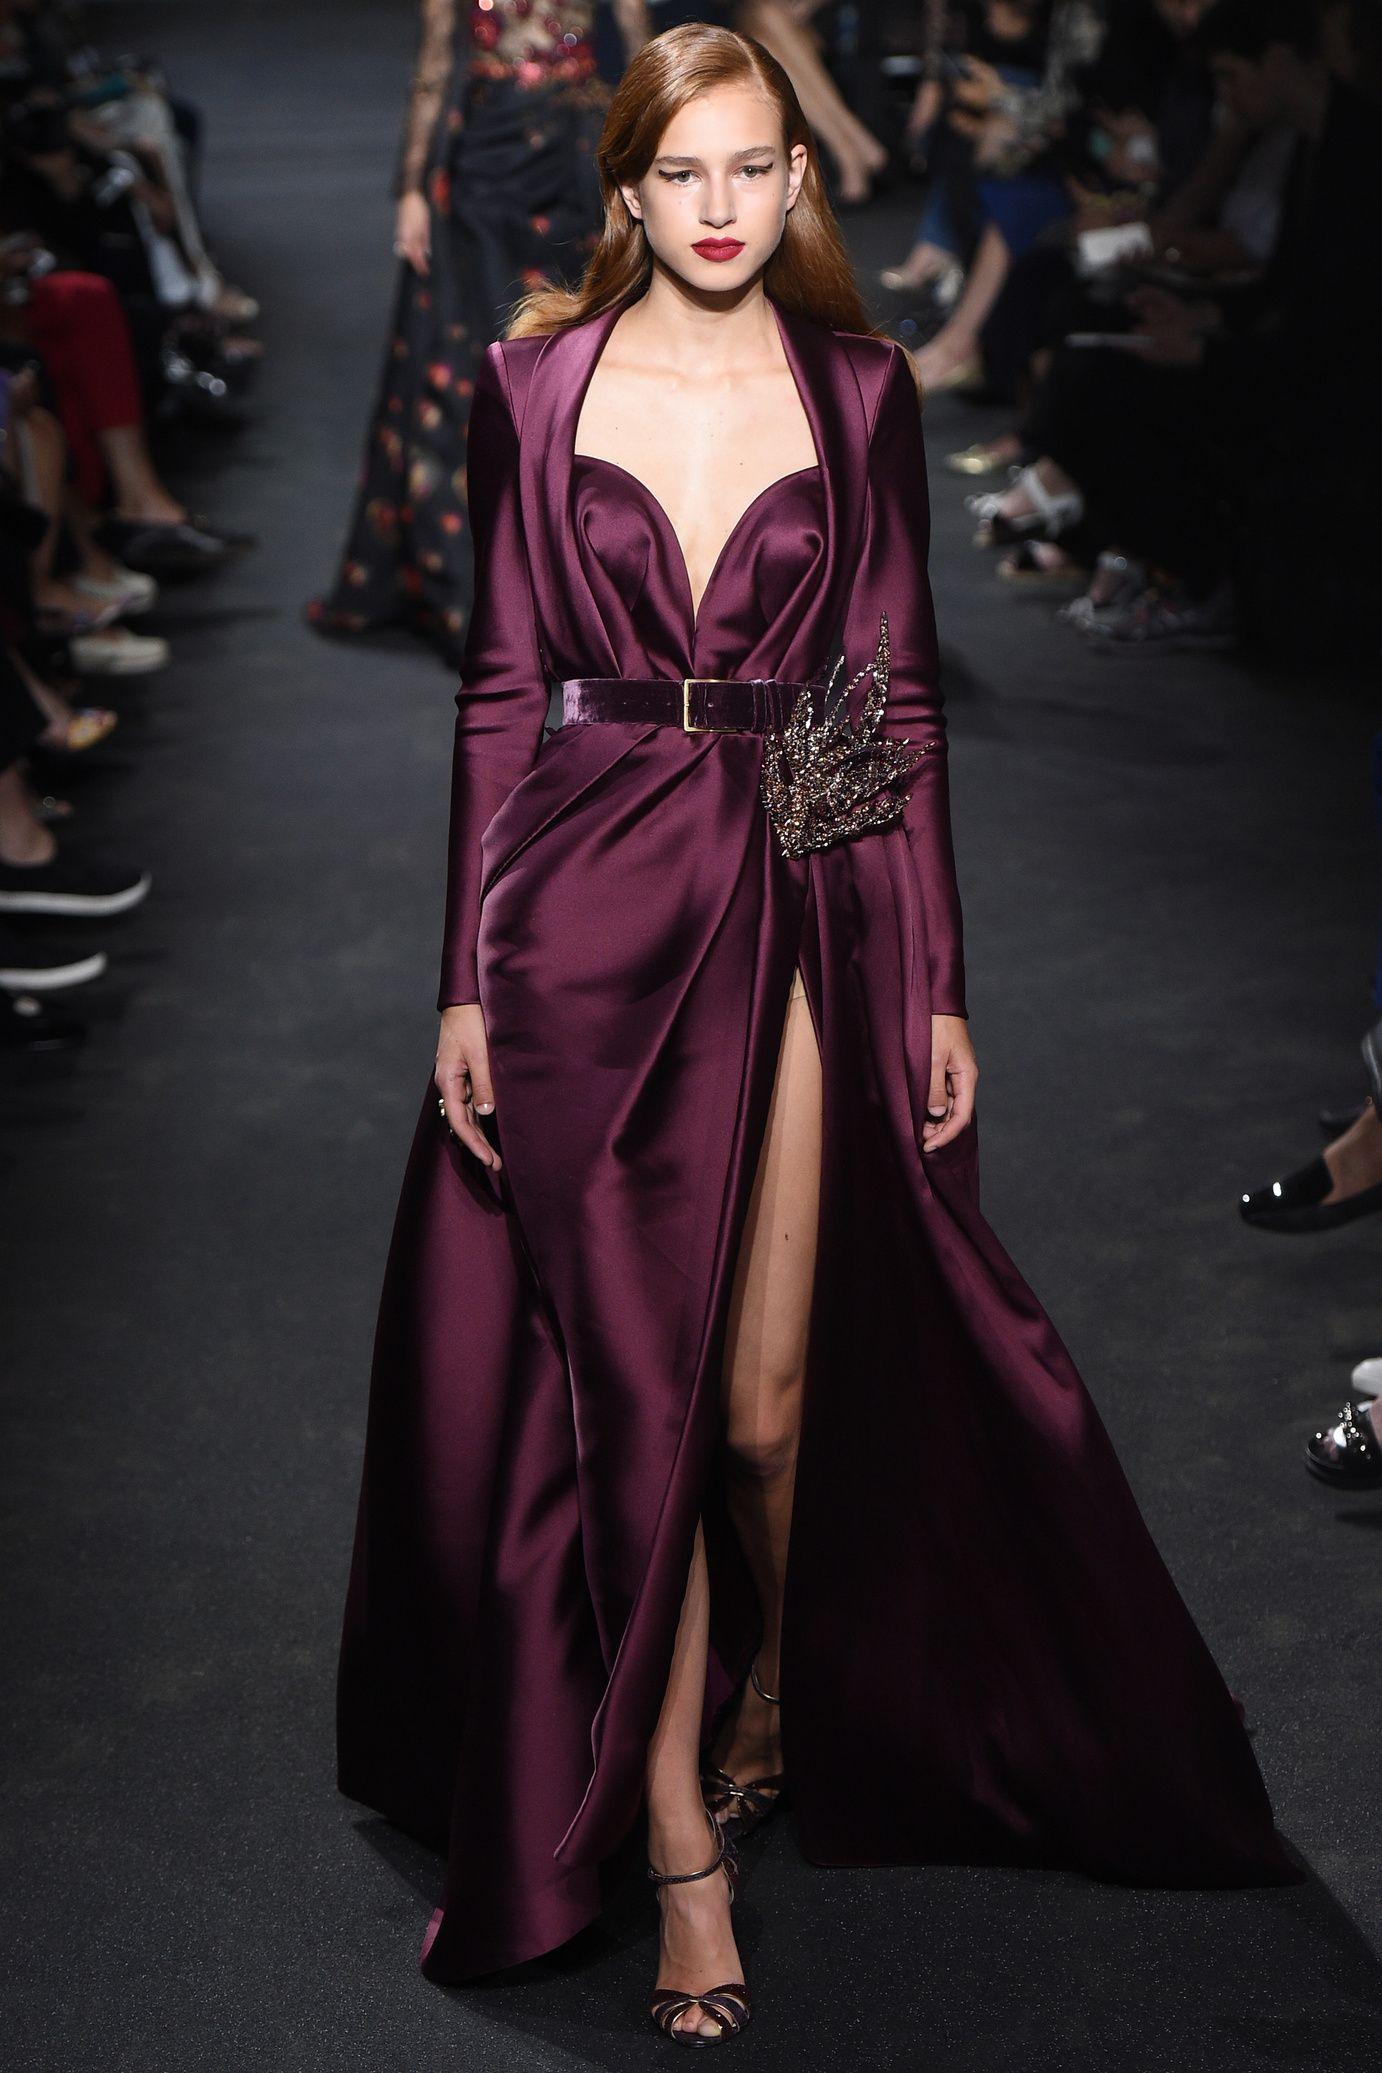 907abe71abf1 Défilé Elie Saab Haute Couture automne-hiver 2016-2017 35